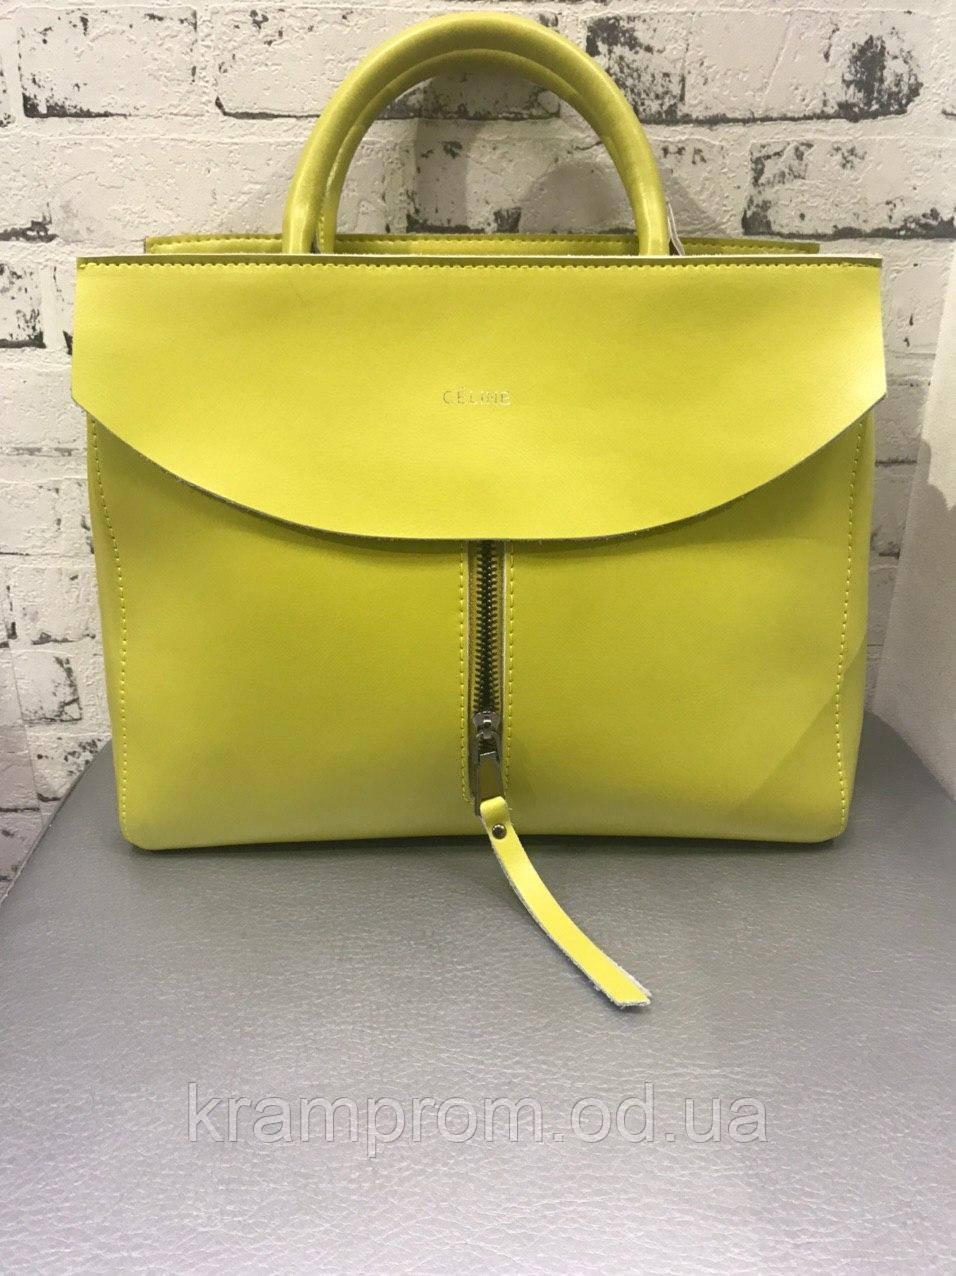 Стильная женская желтая кожаная сумка